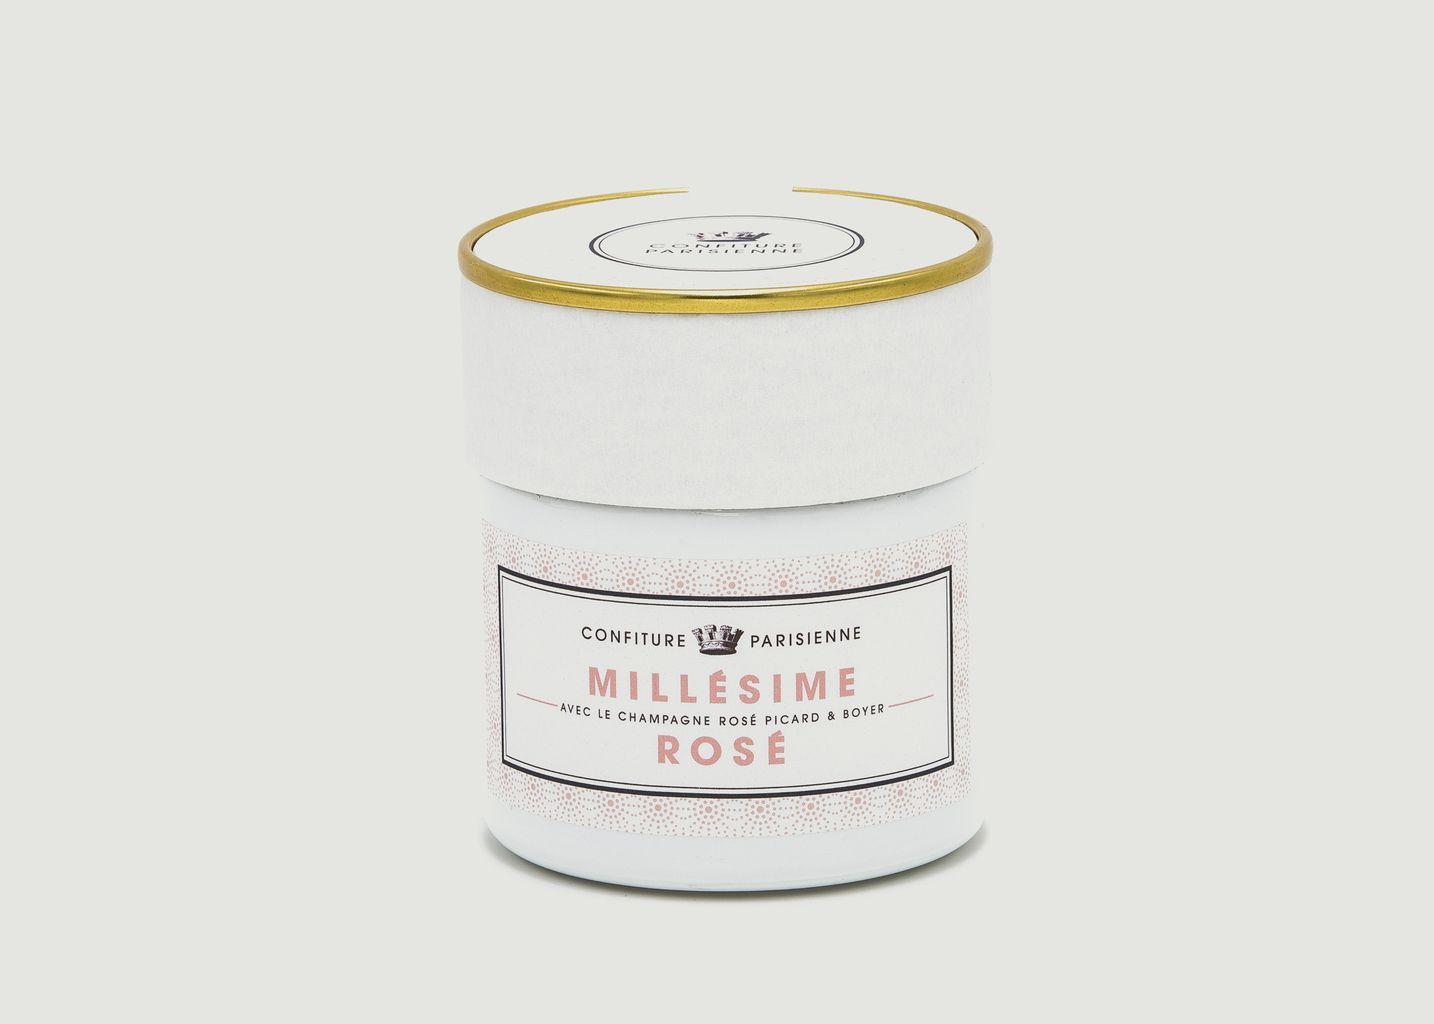 Confiture Millésime Rosé - Confiture Parisienne